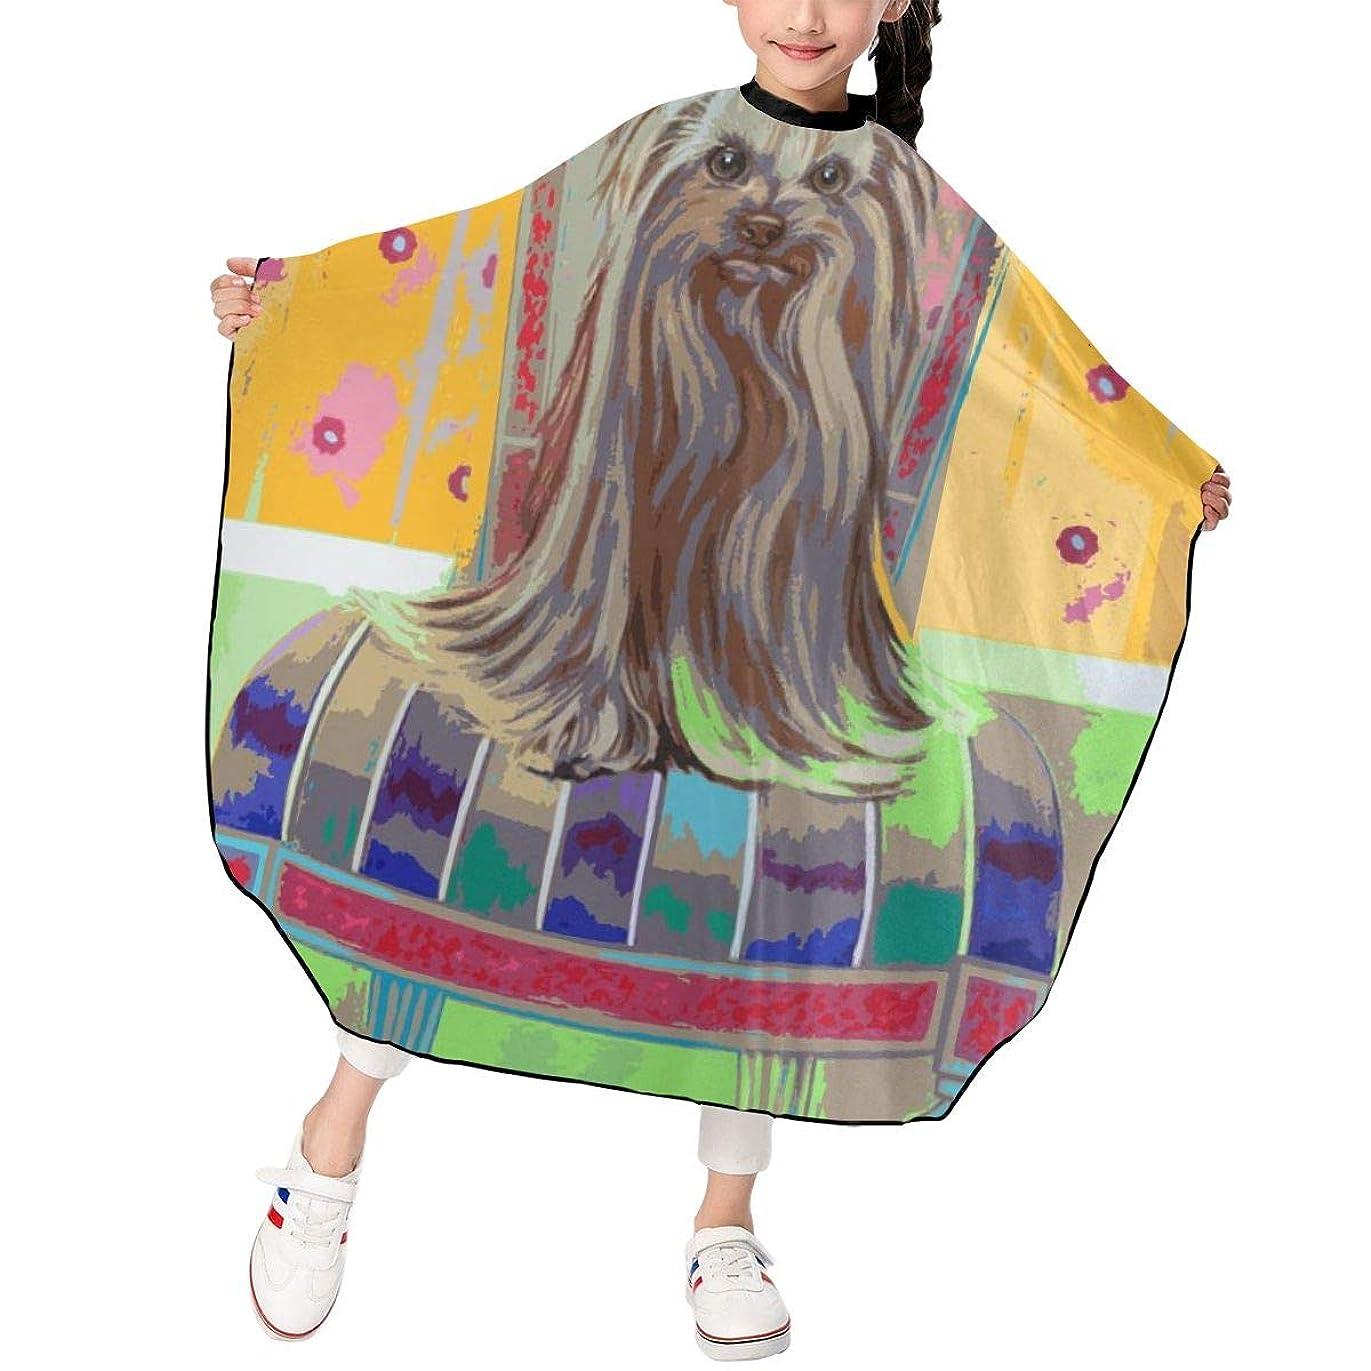 撃退するタイル月曜イラストレーション 静か マルテスコ犬 椅子 散髪ケープ ヘアーエプロン 子供 ヘアカット 家用 美容室 髪の毛剃り 操作やすい 散髪 撥水 静電気防止 柔らか 滑らか 高級感 人気 男女兼用 プレゼント